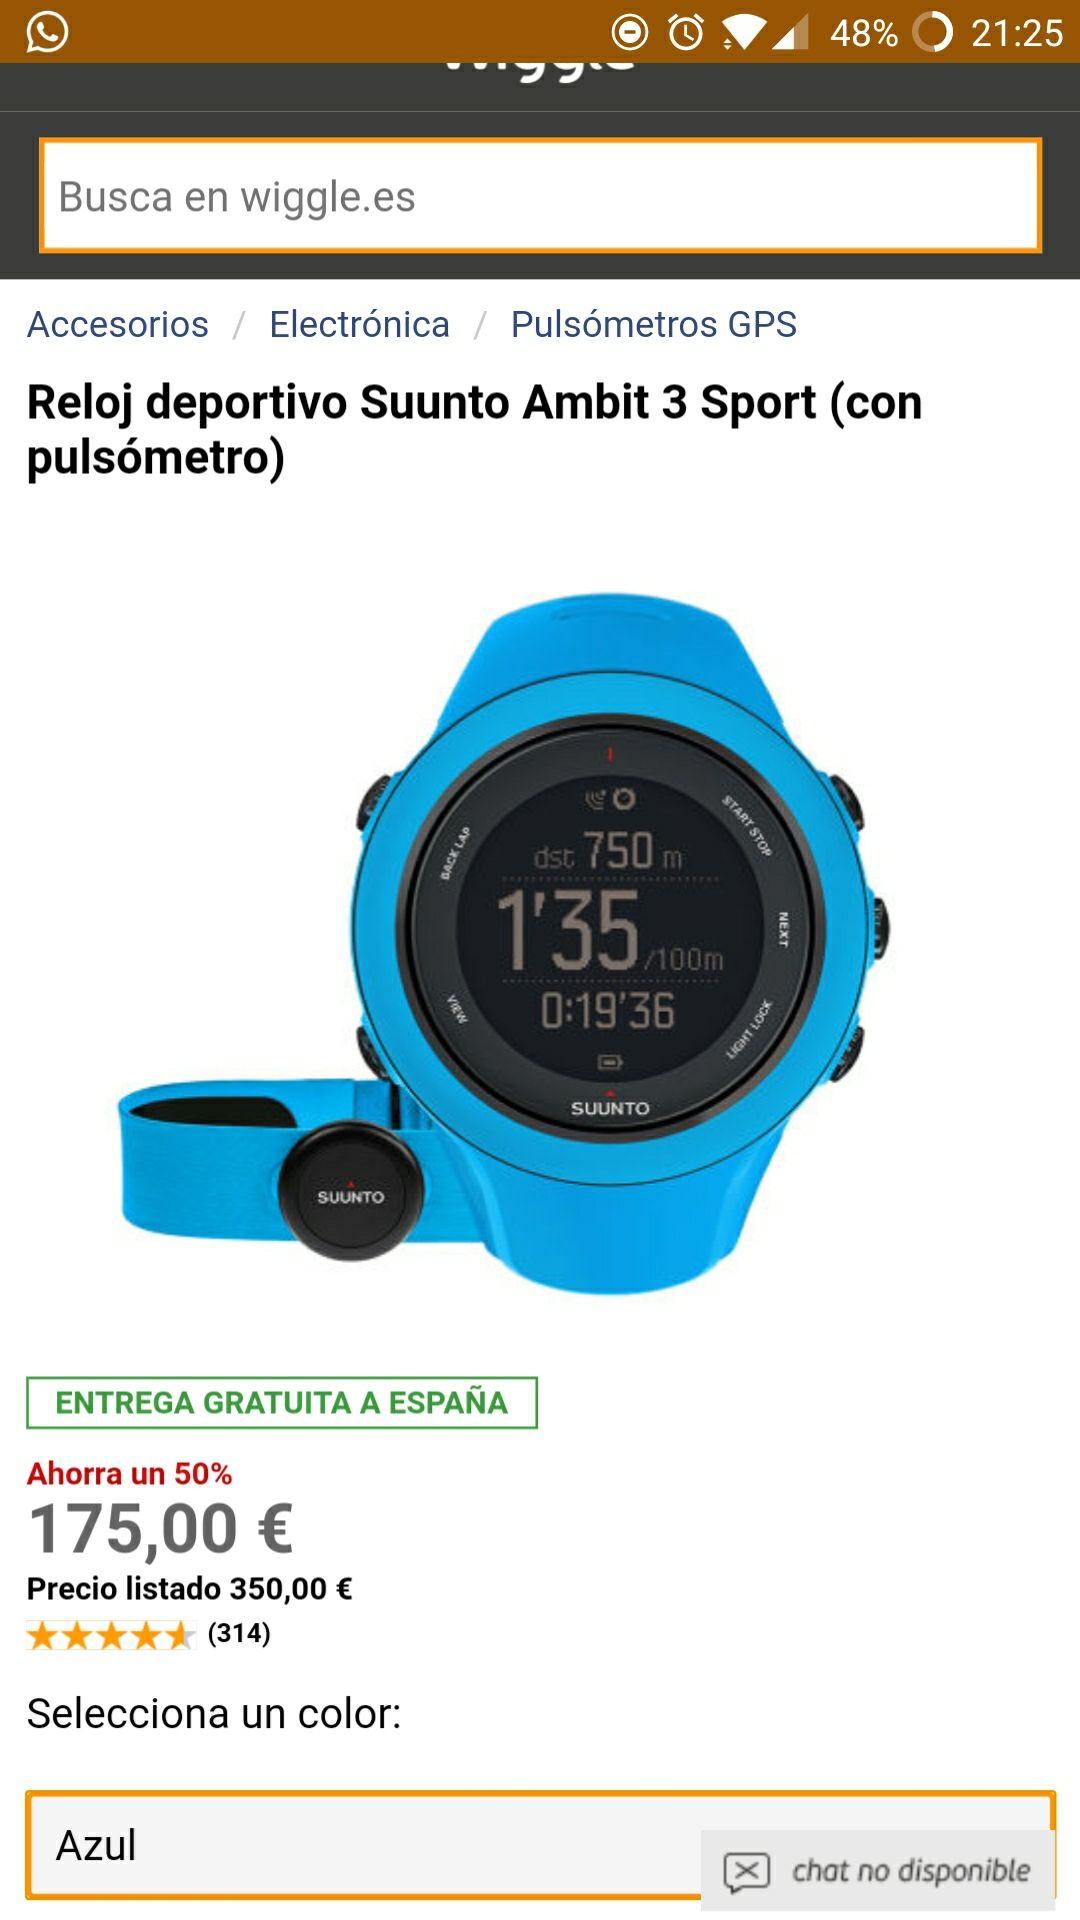 Reloj deportivo Suunto Ambit 3 Sport (con pulsómetro)